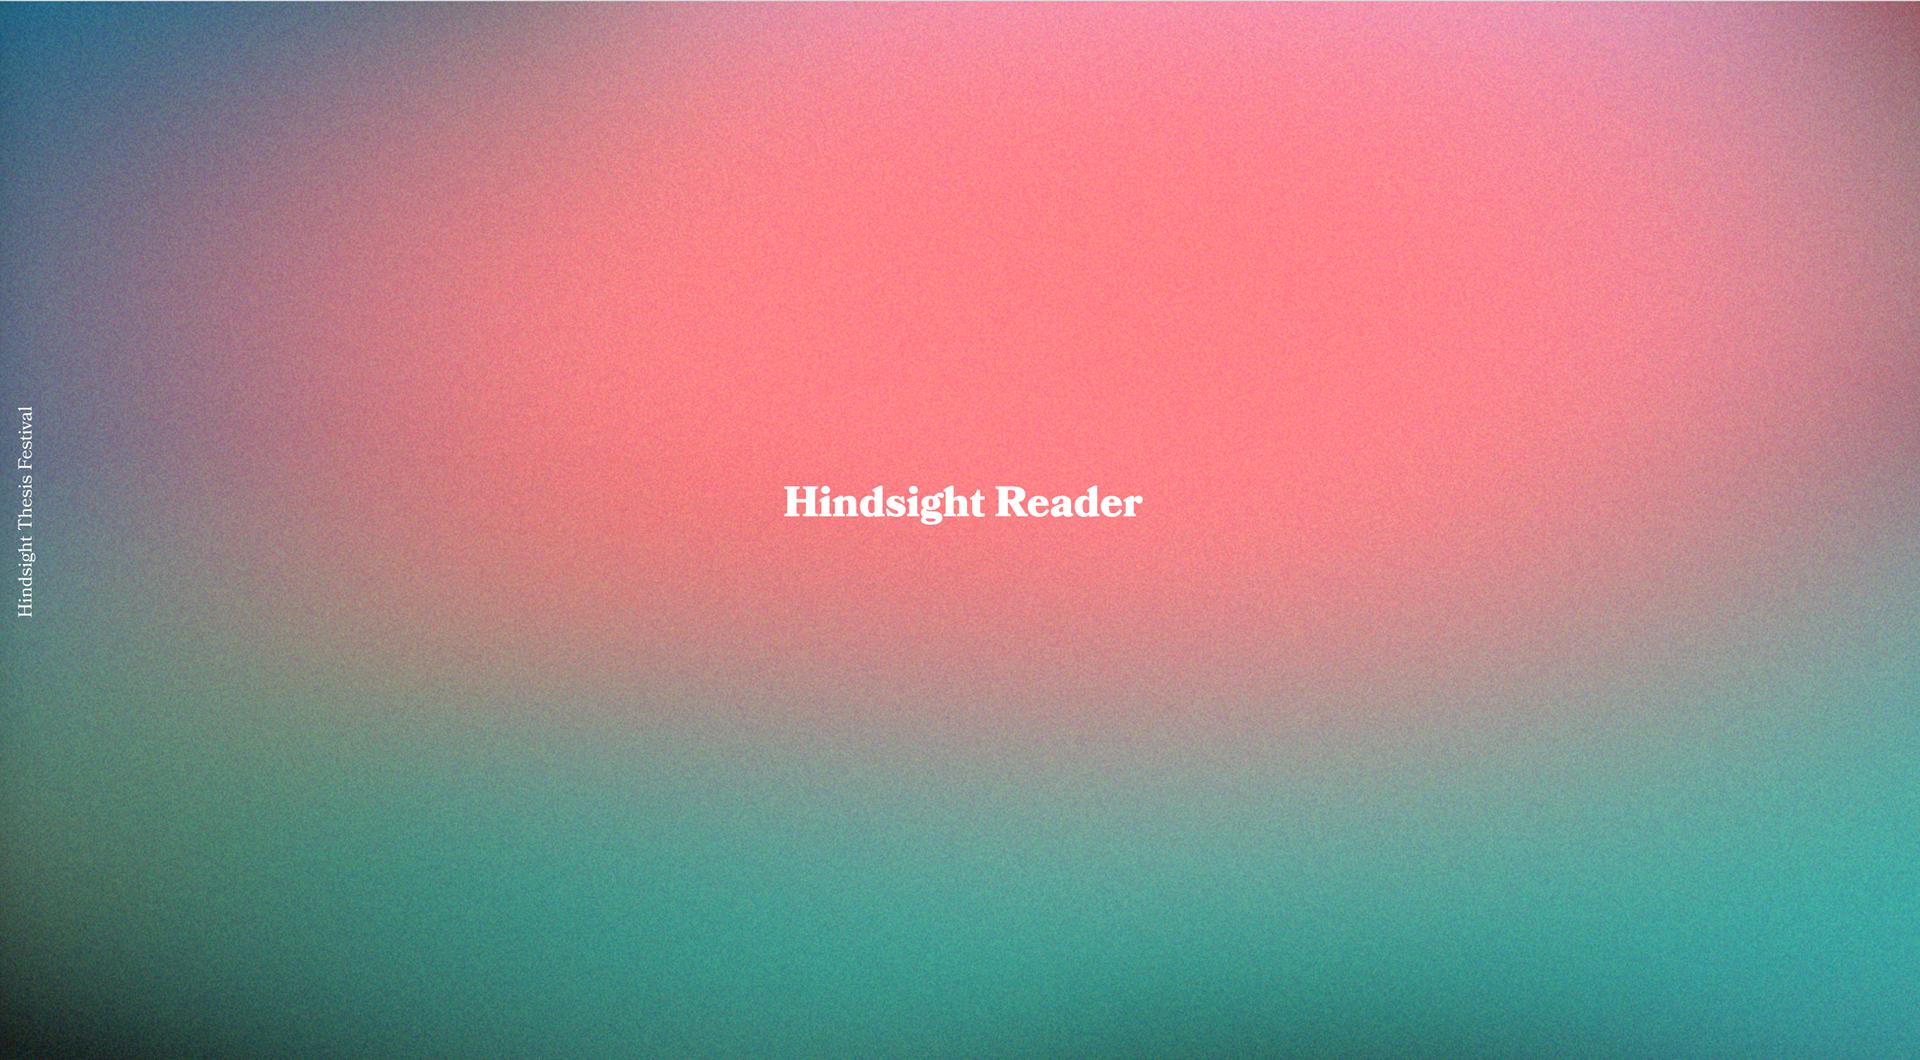 Hindsight Reader